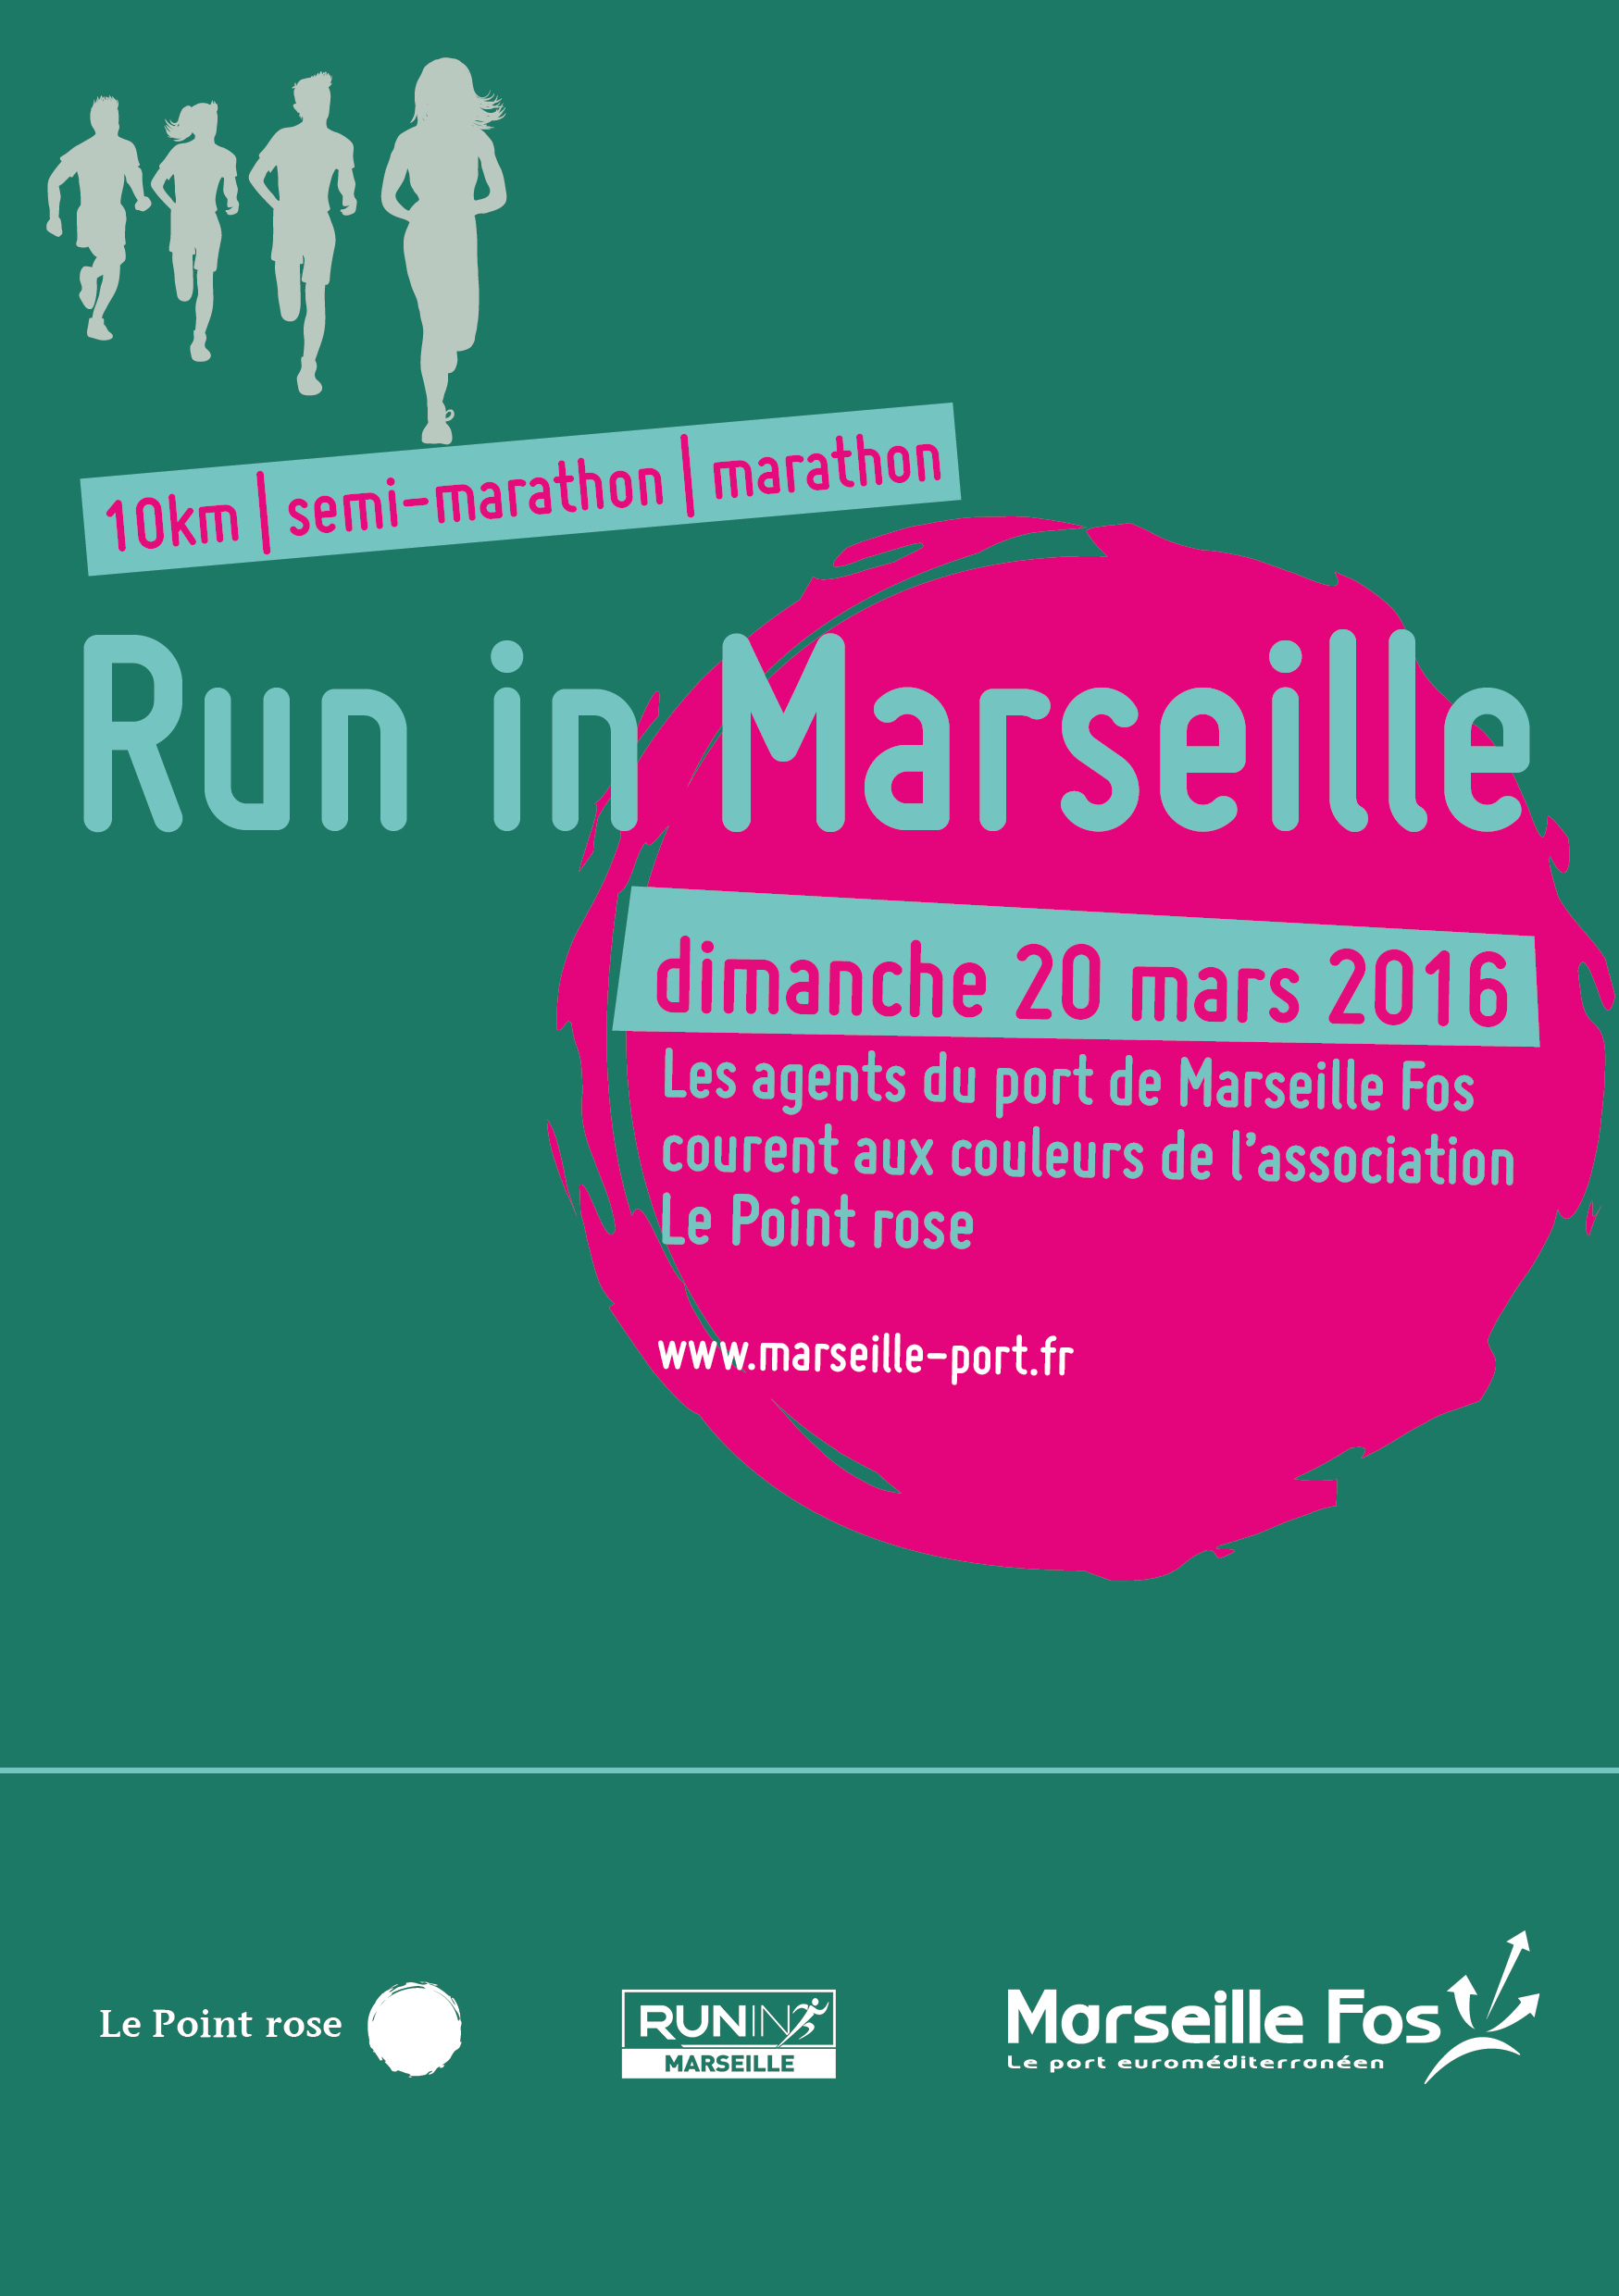 Run In Marseille : L'engagement du Port Marseille Fos et de ses salariés pour Le Point rose